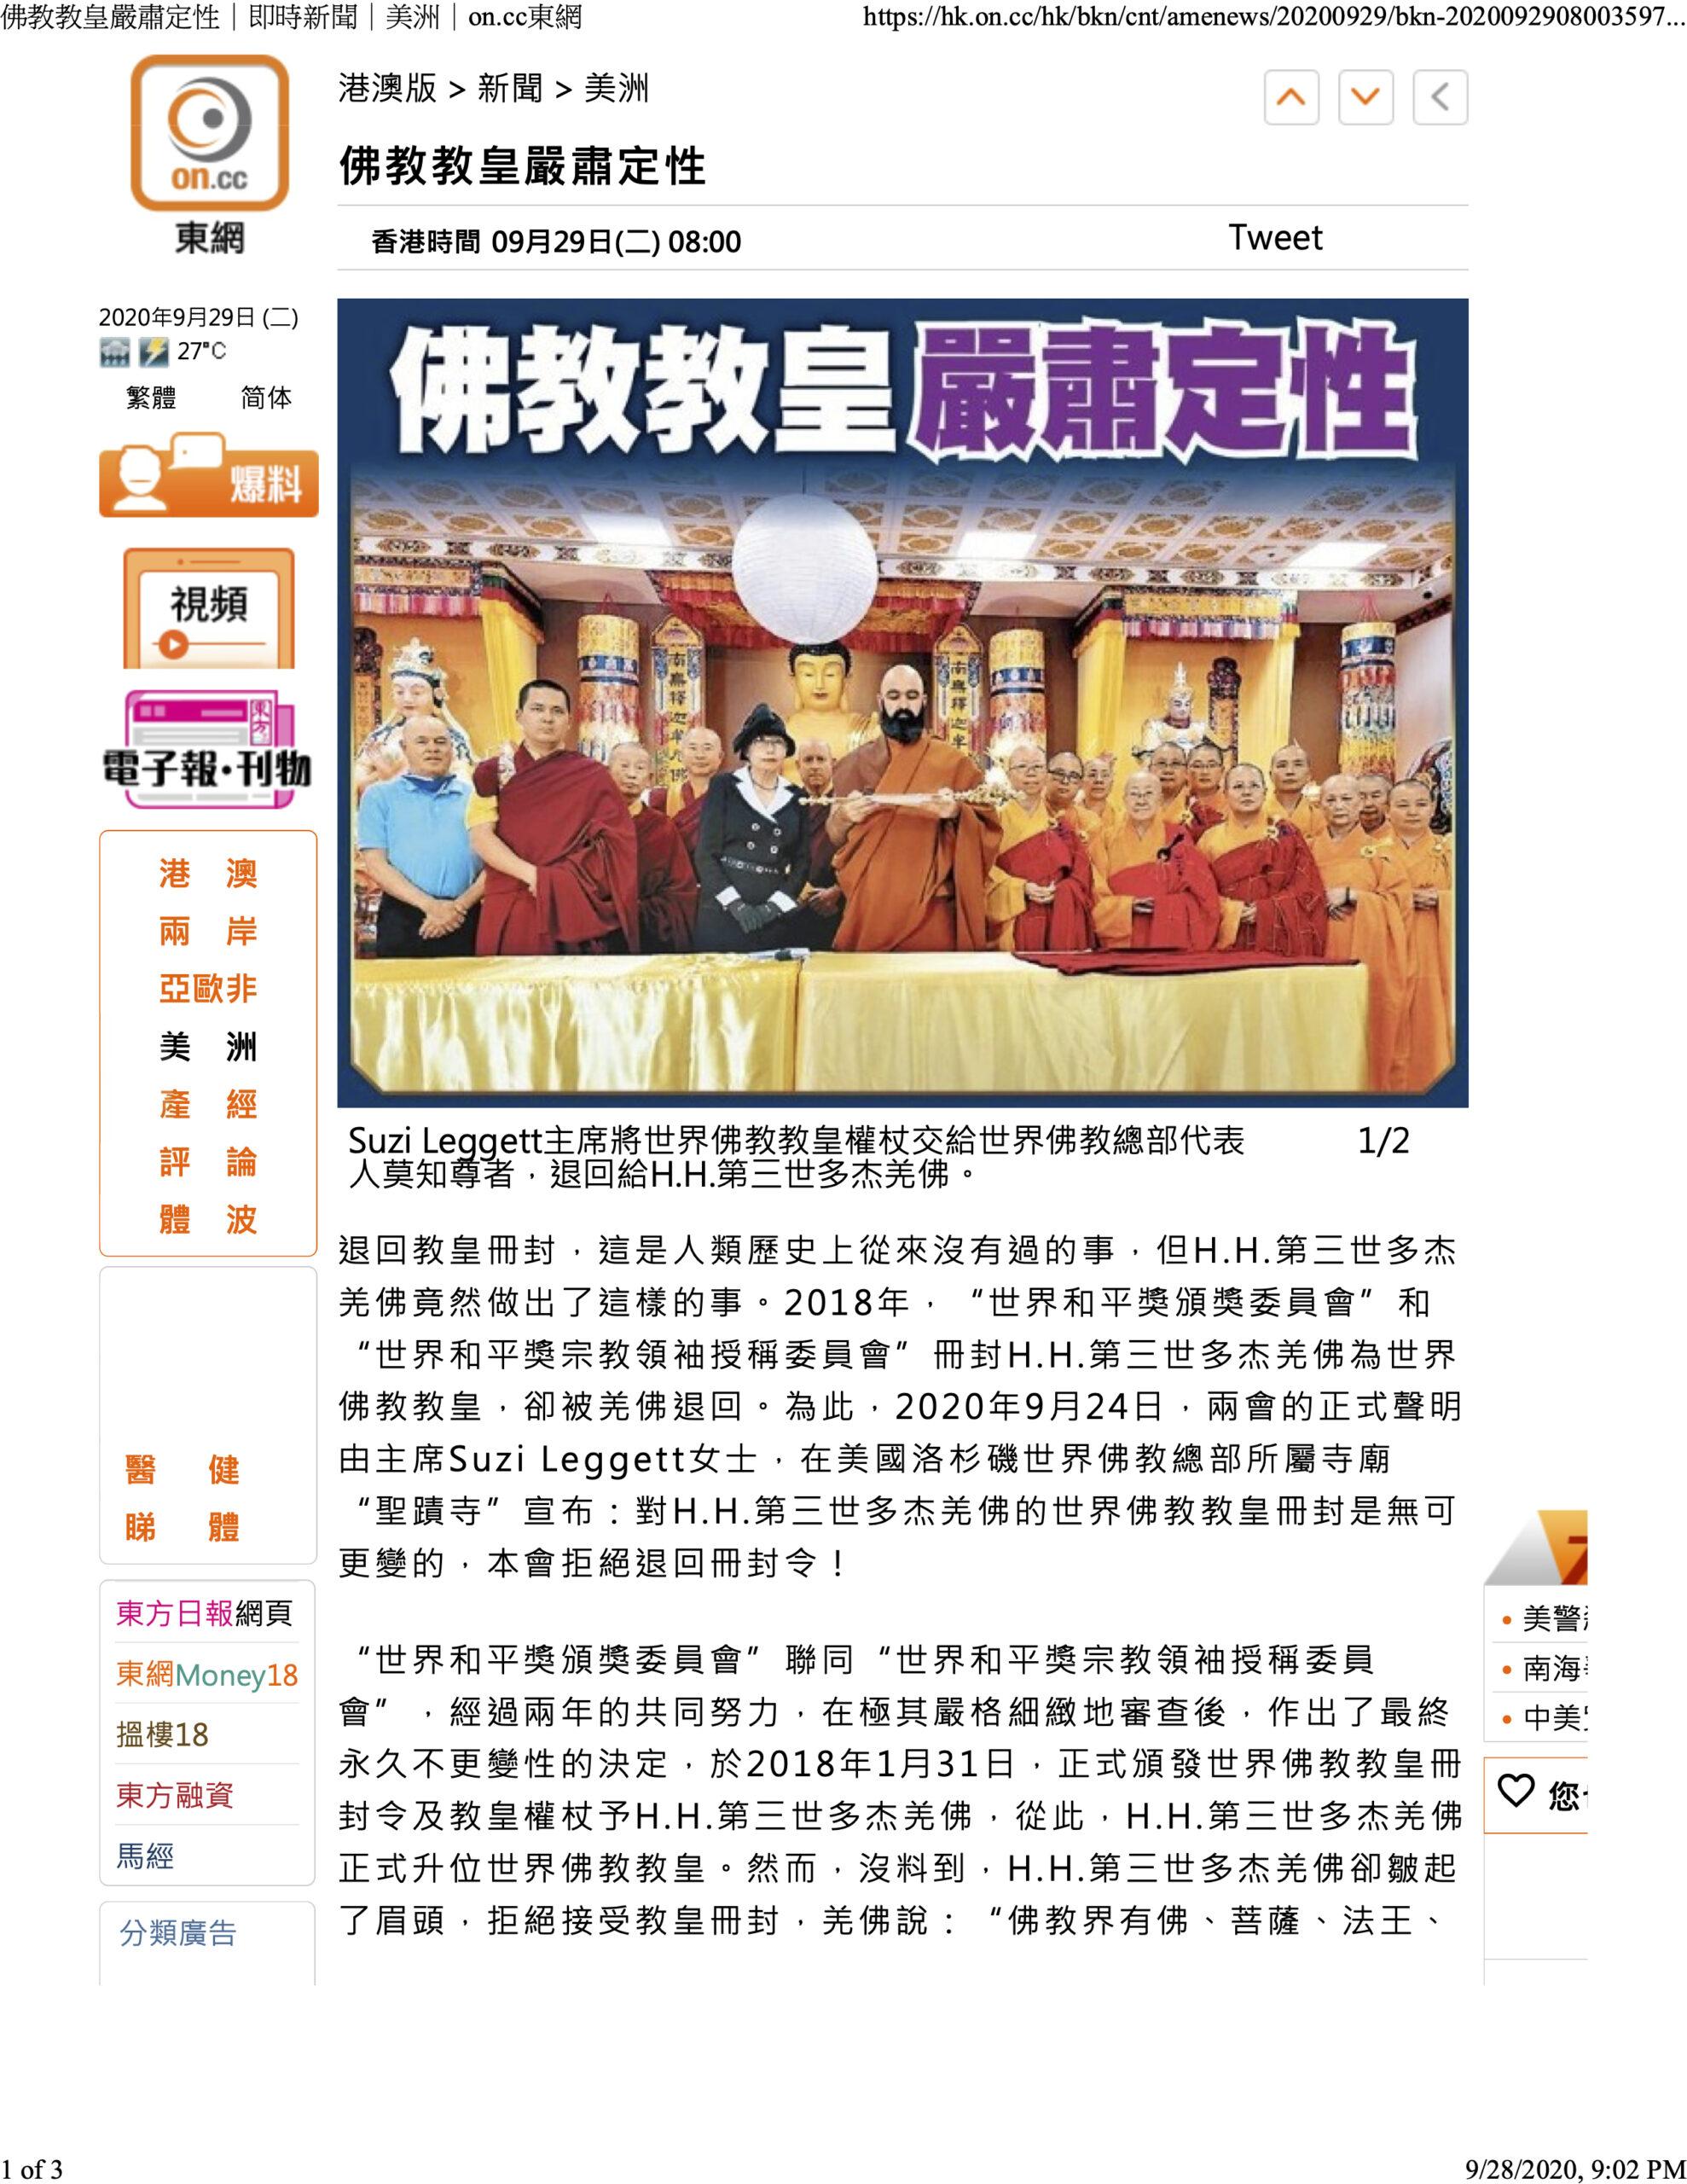 3-1 東網_佛教教皇嚴肅定性_9-29-2020